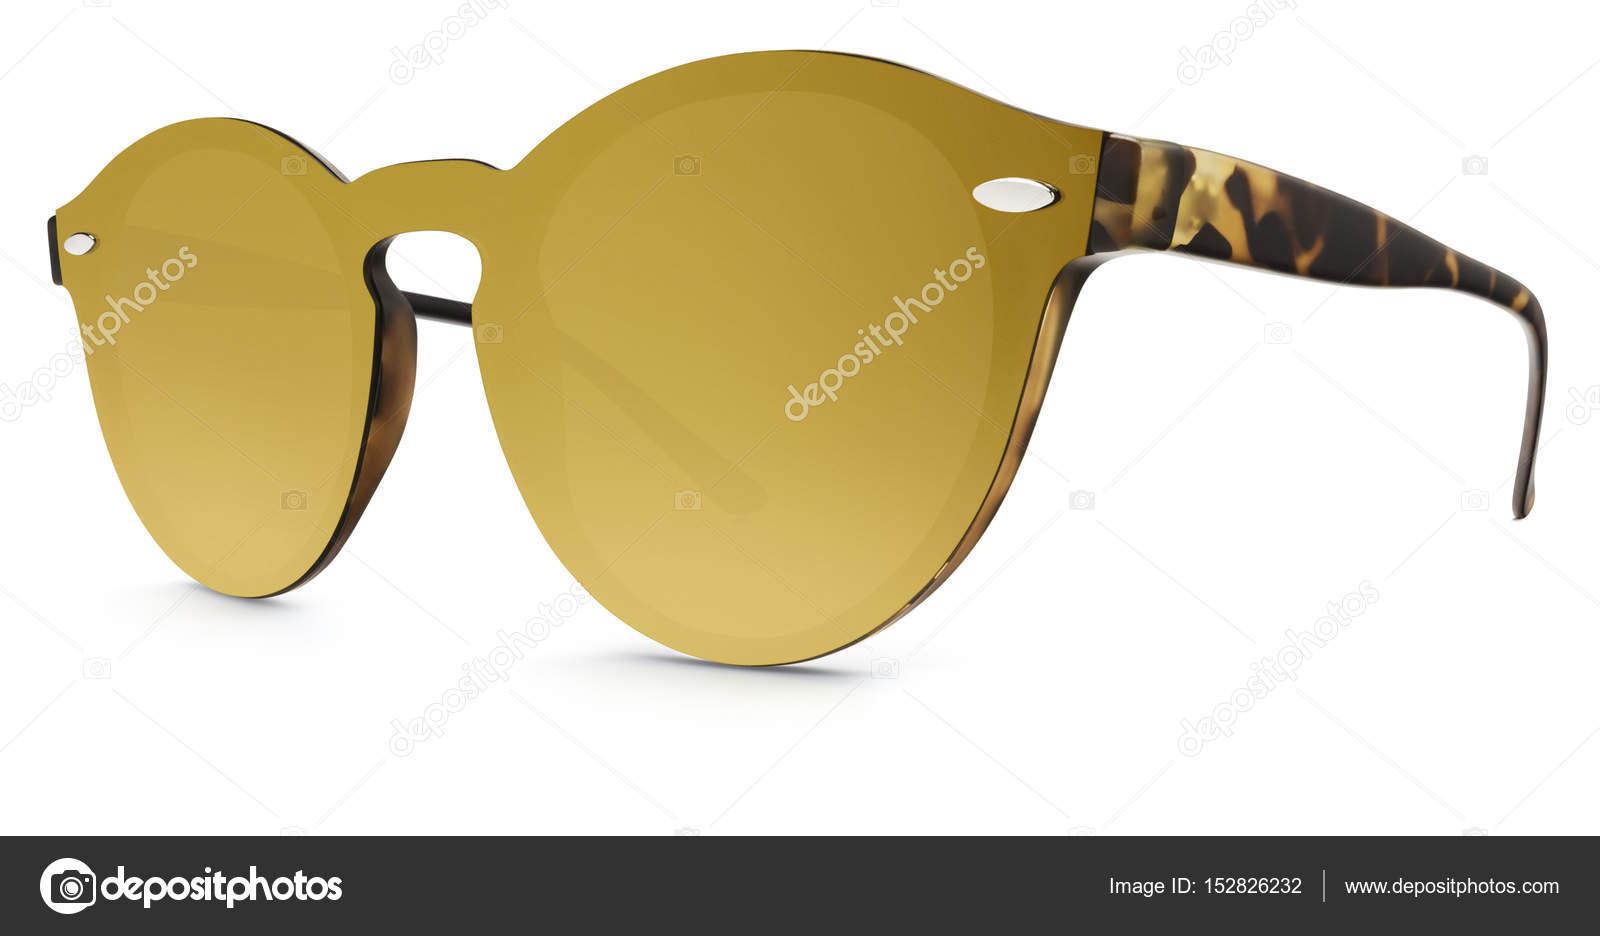 960693a0bc Manchado marrón gafas de sol lentes de espejo de oro aisladas sobre fondo  blanco — Foto de ...